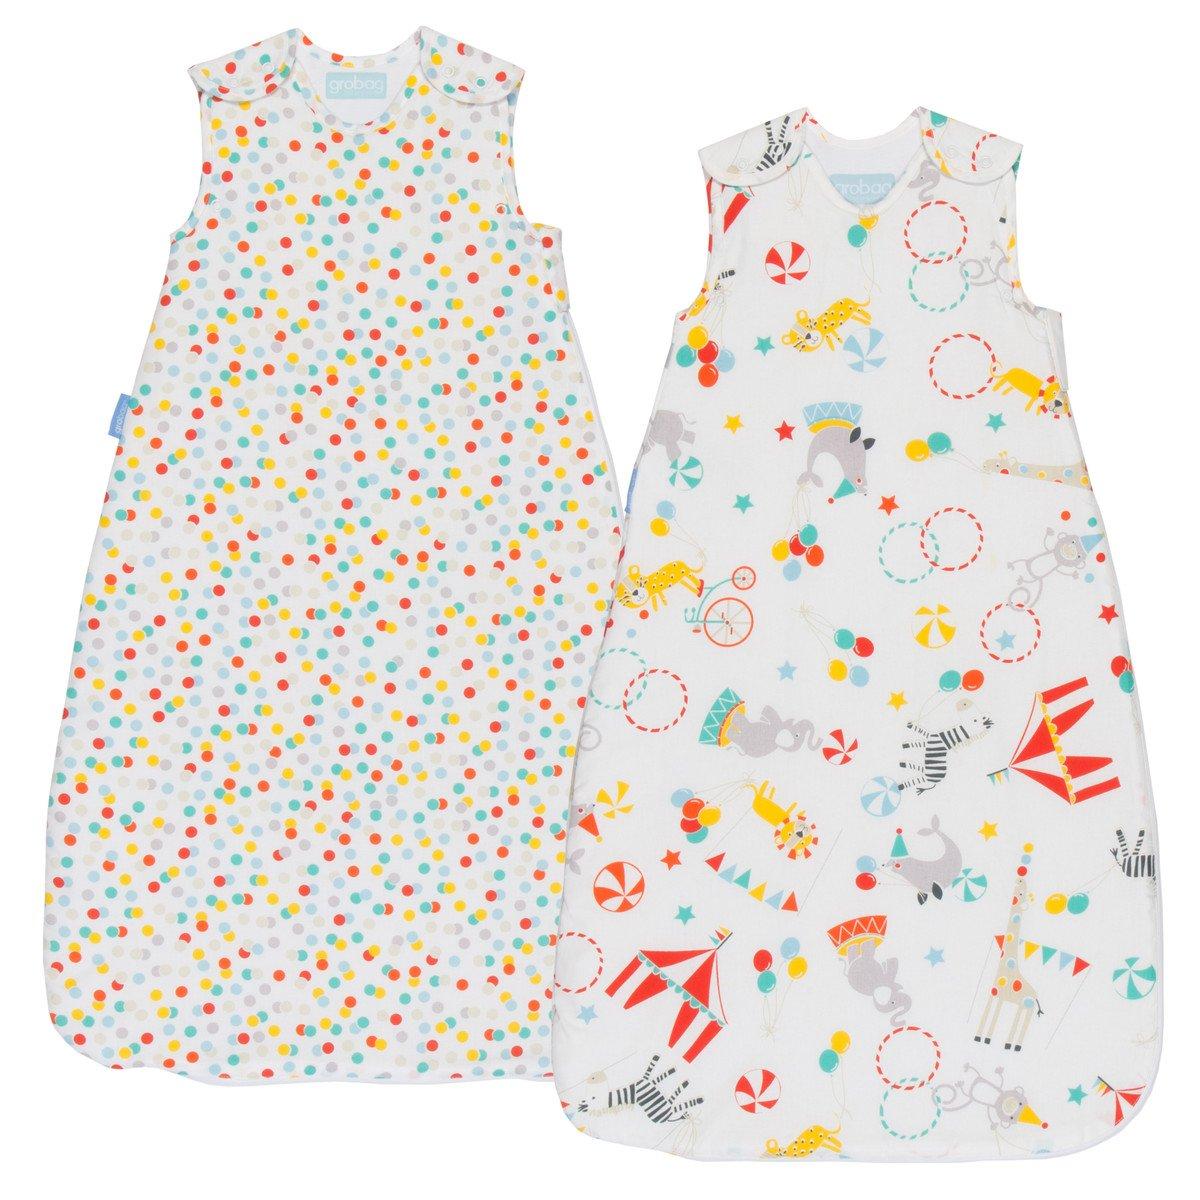 Grobag Pack de 2 Sacos para dormir bebé 1.0/2.5 tog , Multicolor, product